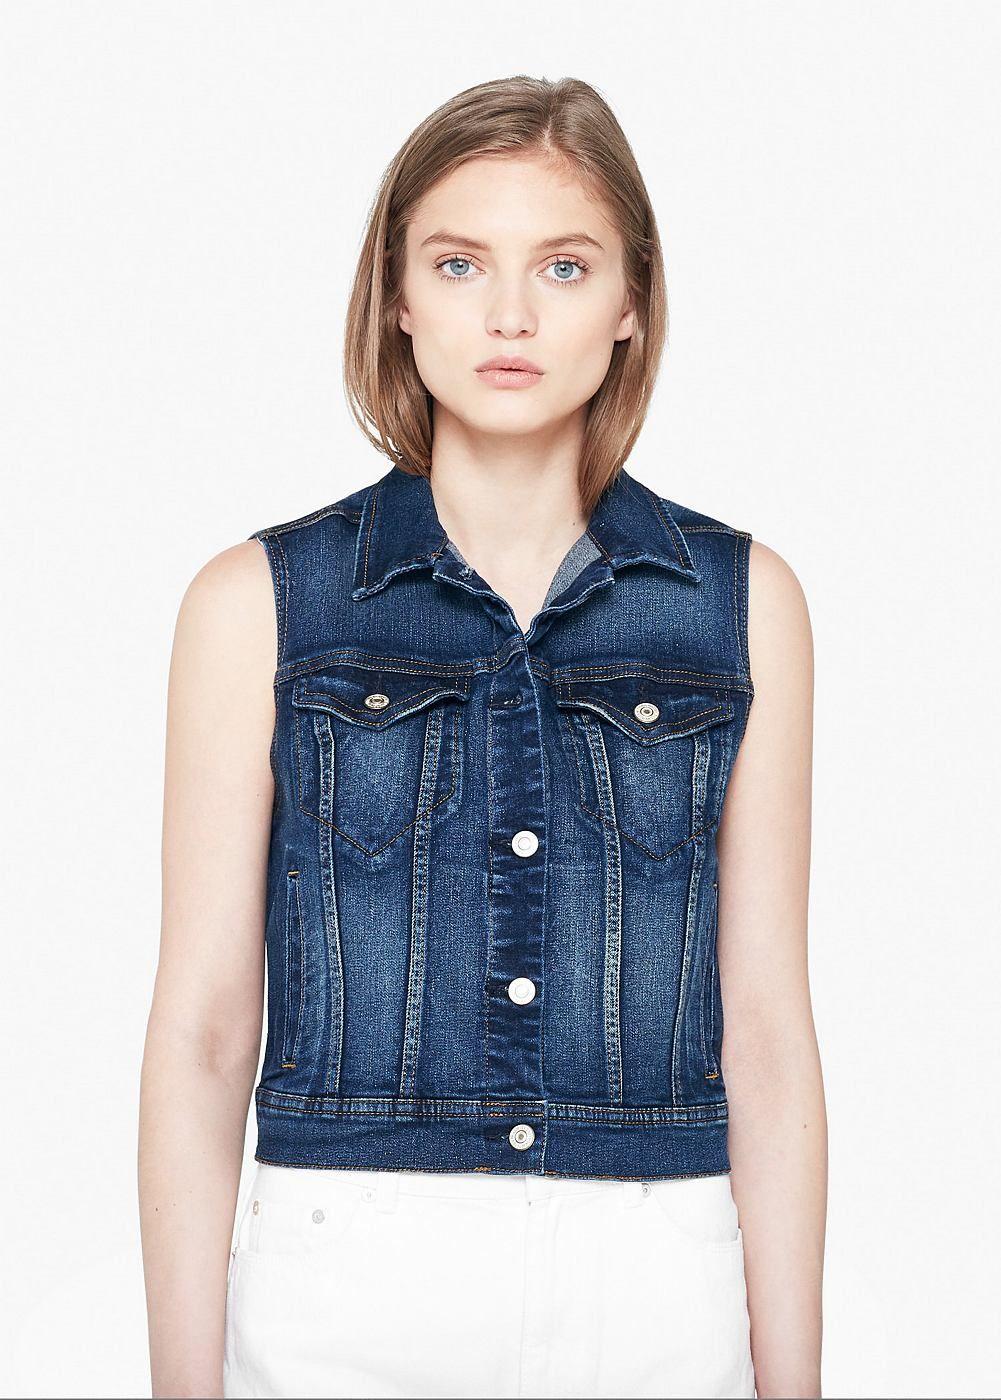 Jeansweste in dunkler Waschung. Mit Knopfleiste vorne, zwei Pattentaschen auf Brusthöhe und zwei seitlichen Leistentaschen. ZUSAMMENSETZUNG: 99% BAUMWOLLE, 1% ELASTHAN....